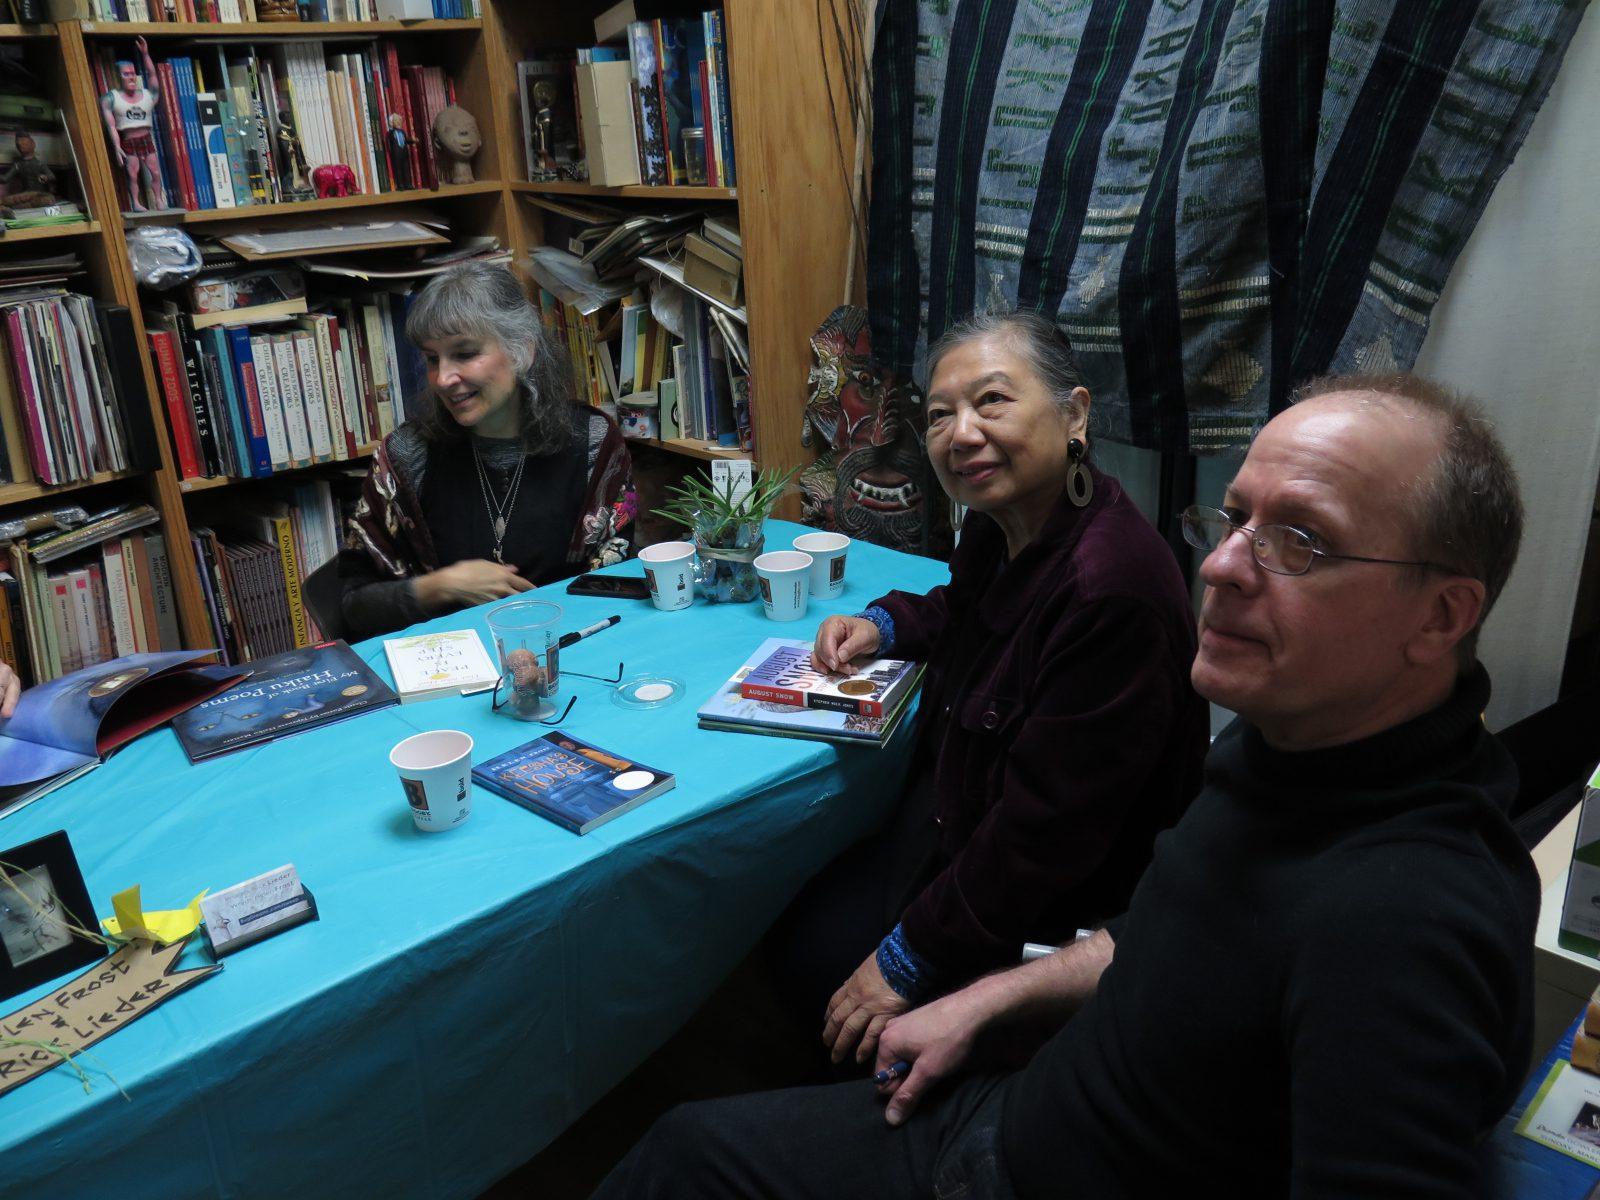 Tracy Gallup, Esperanza Ramirez-Christensen, Rick Lieder